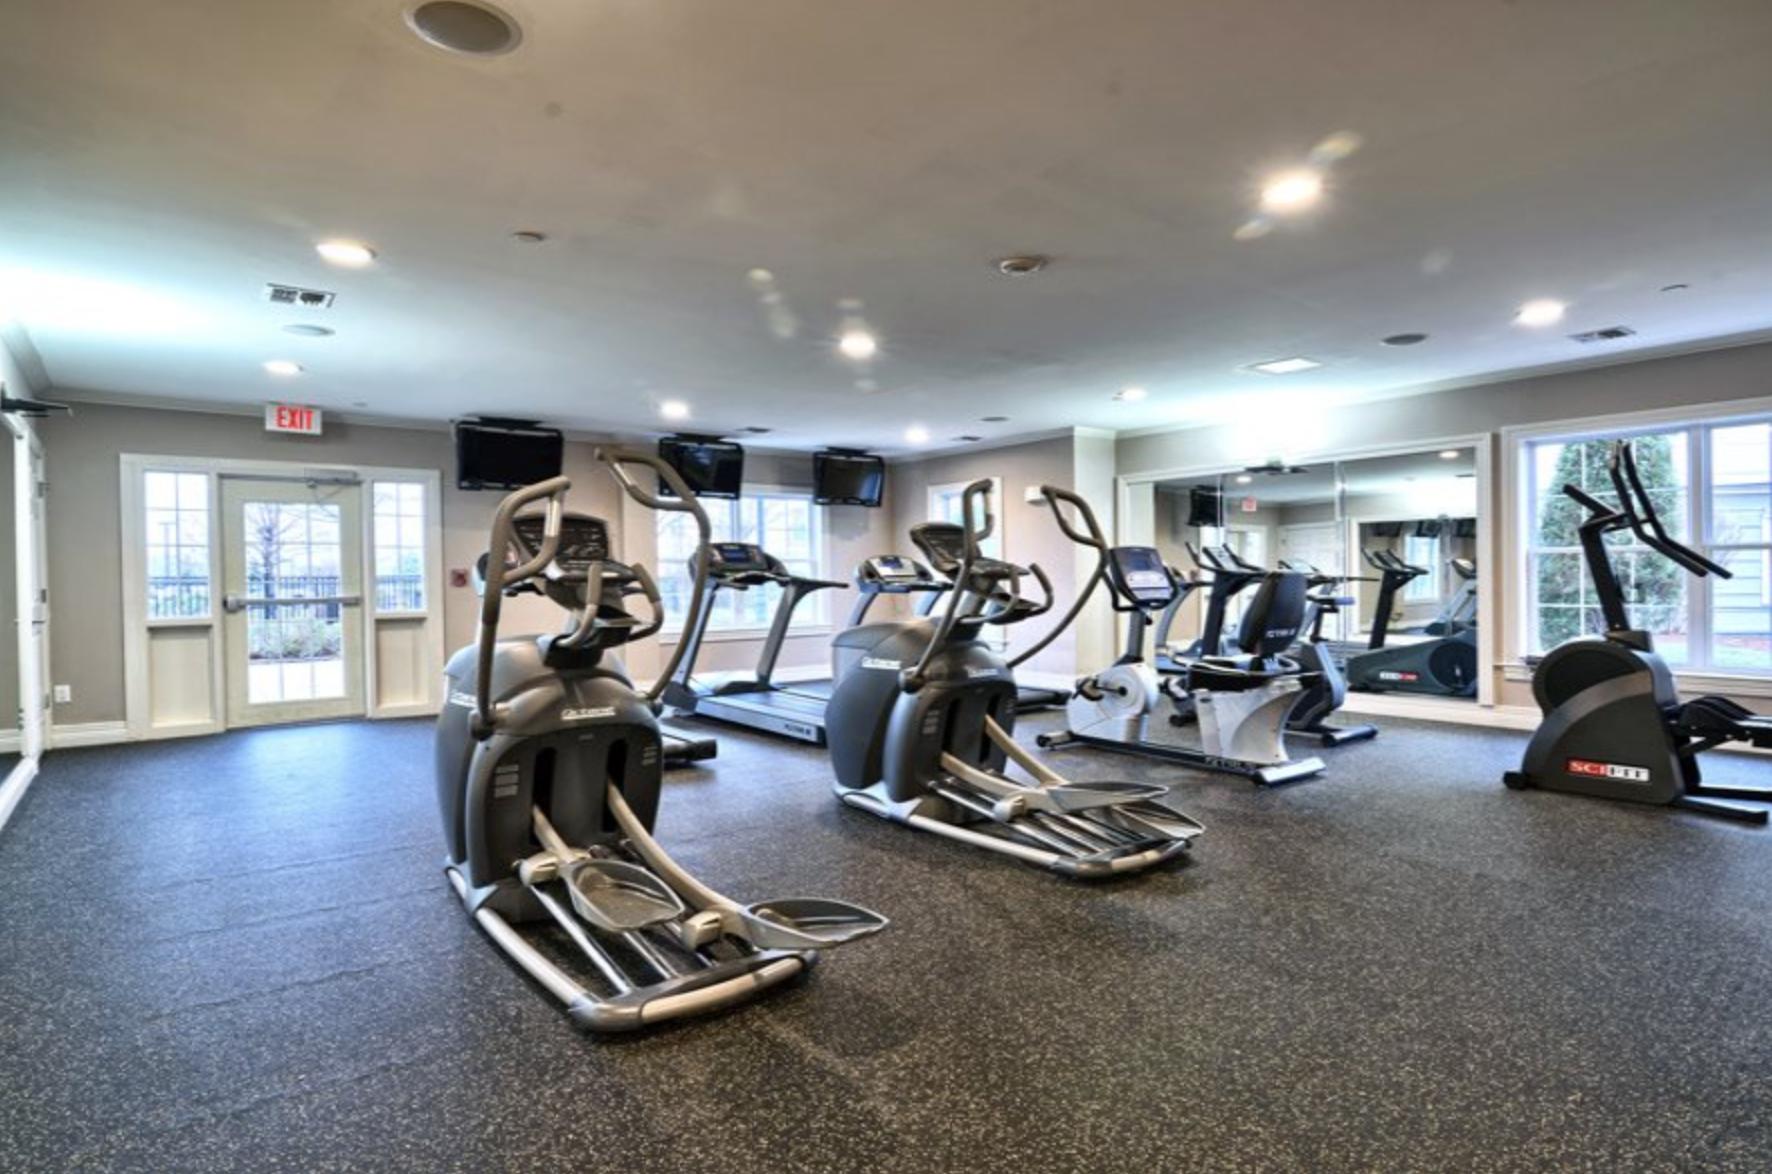 11 - Fitness Center 2